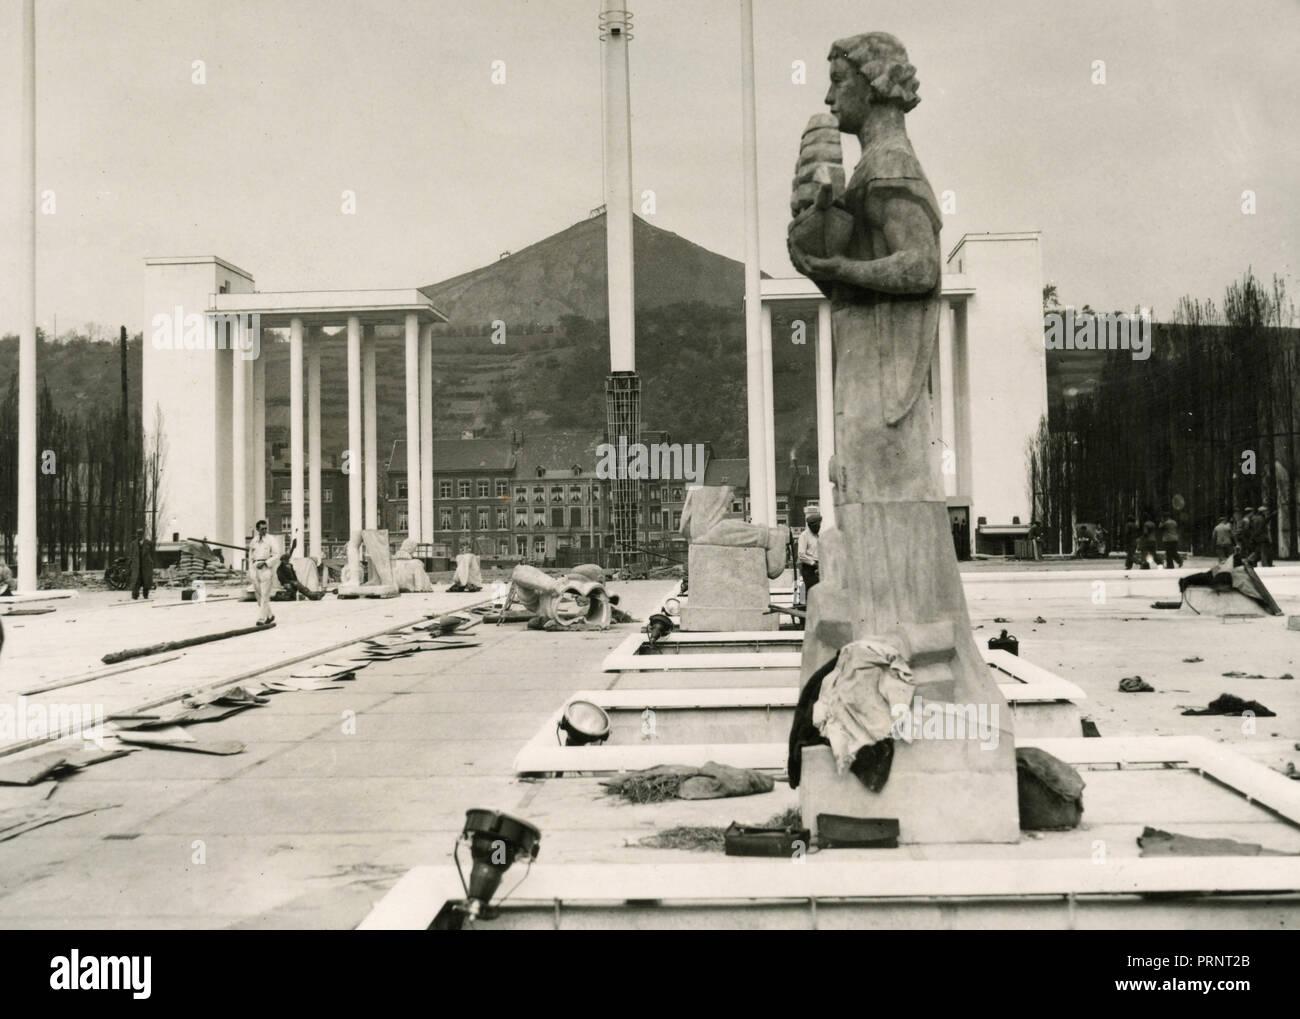 La fiera internazionale di acqua preparazione finale di Liegi, Belgio 1939 Foto Stock